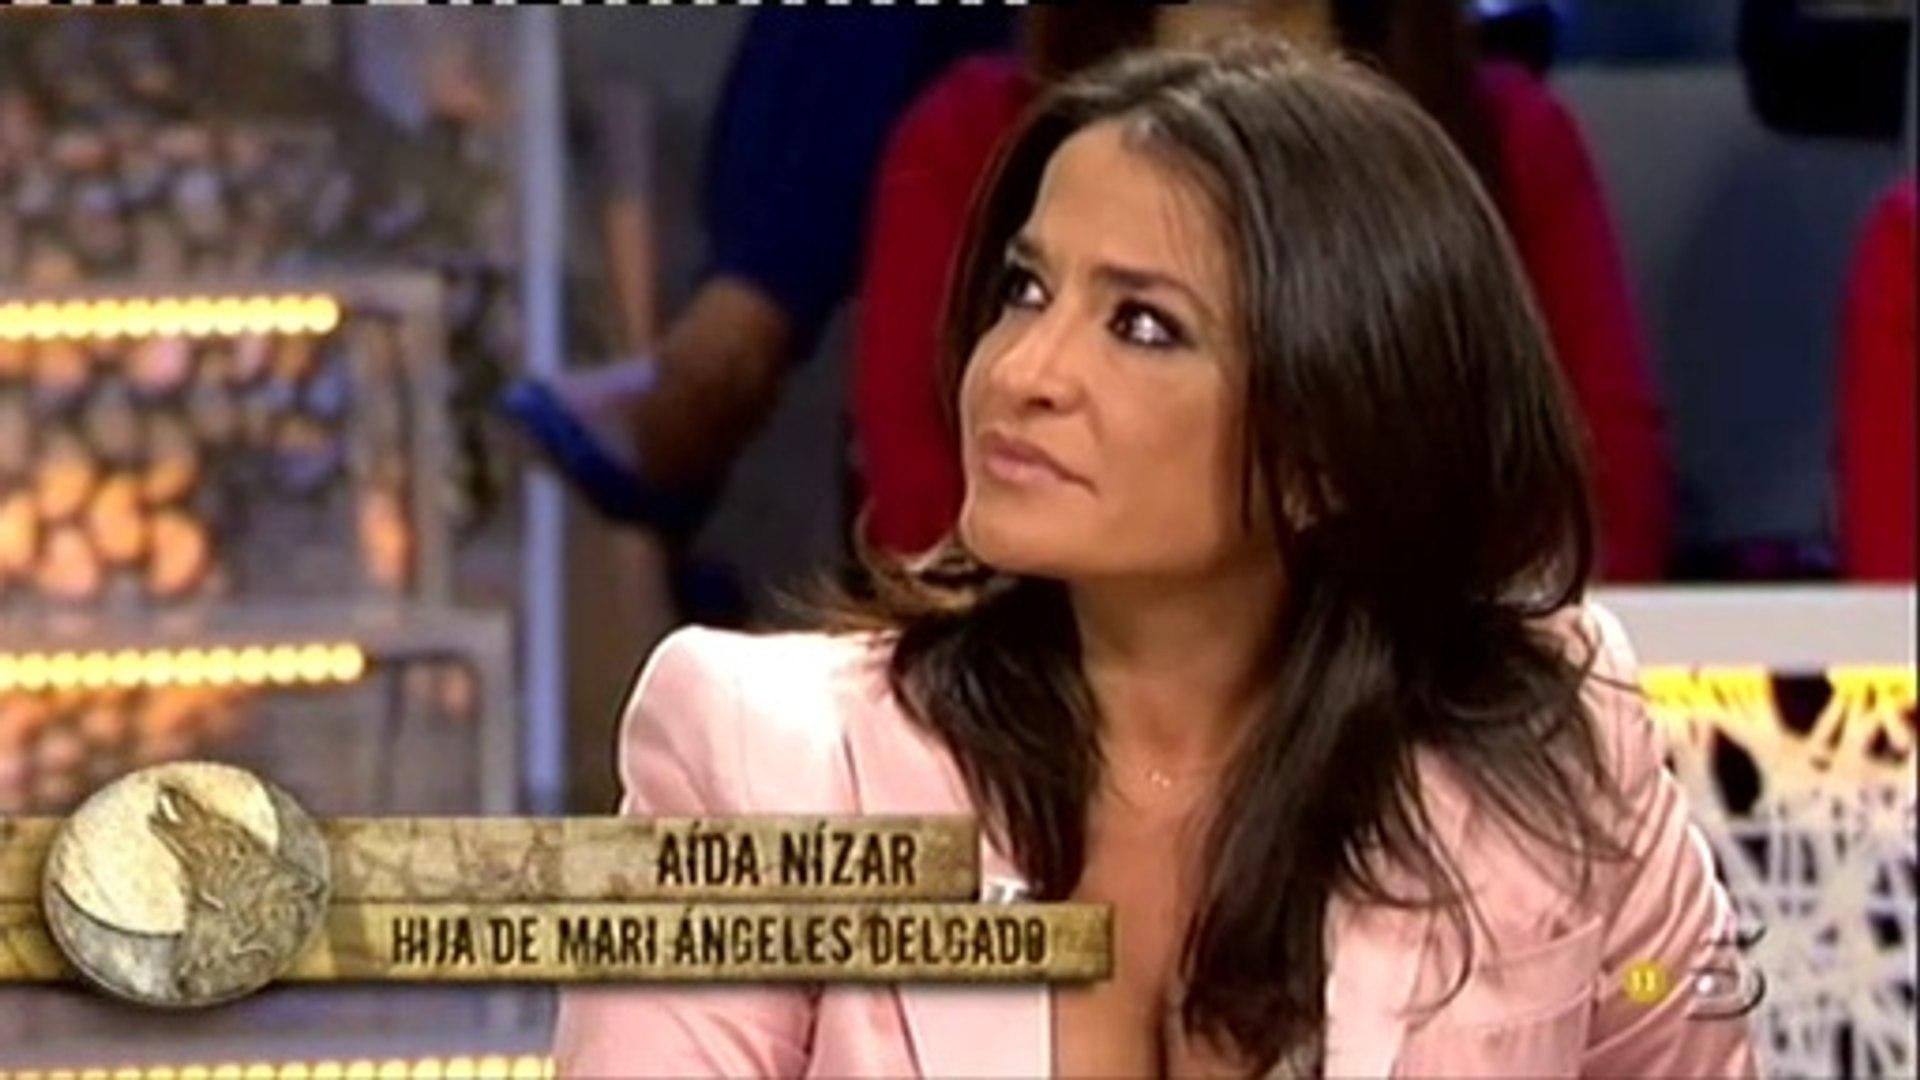 Aida Nizar Desnuda aida nizar emocionada al hablar de su madre